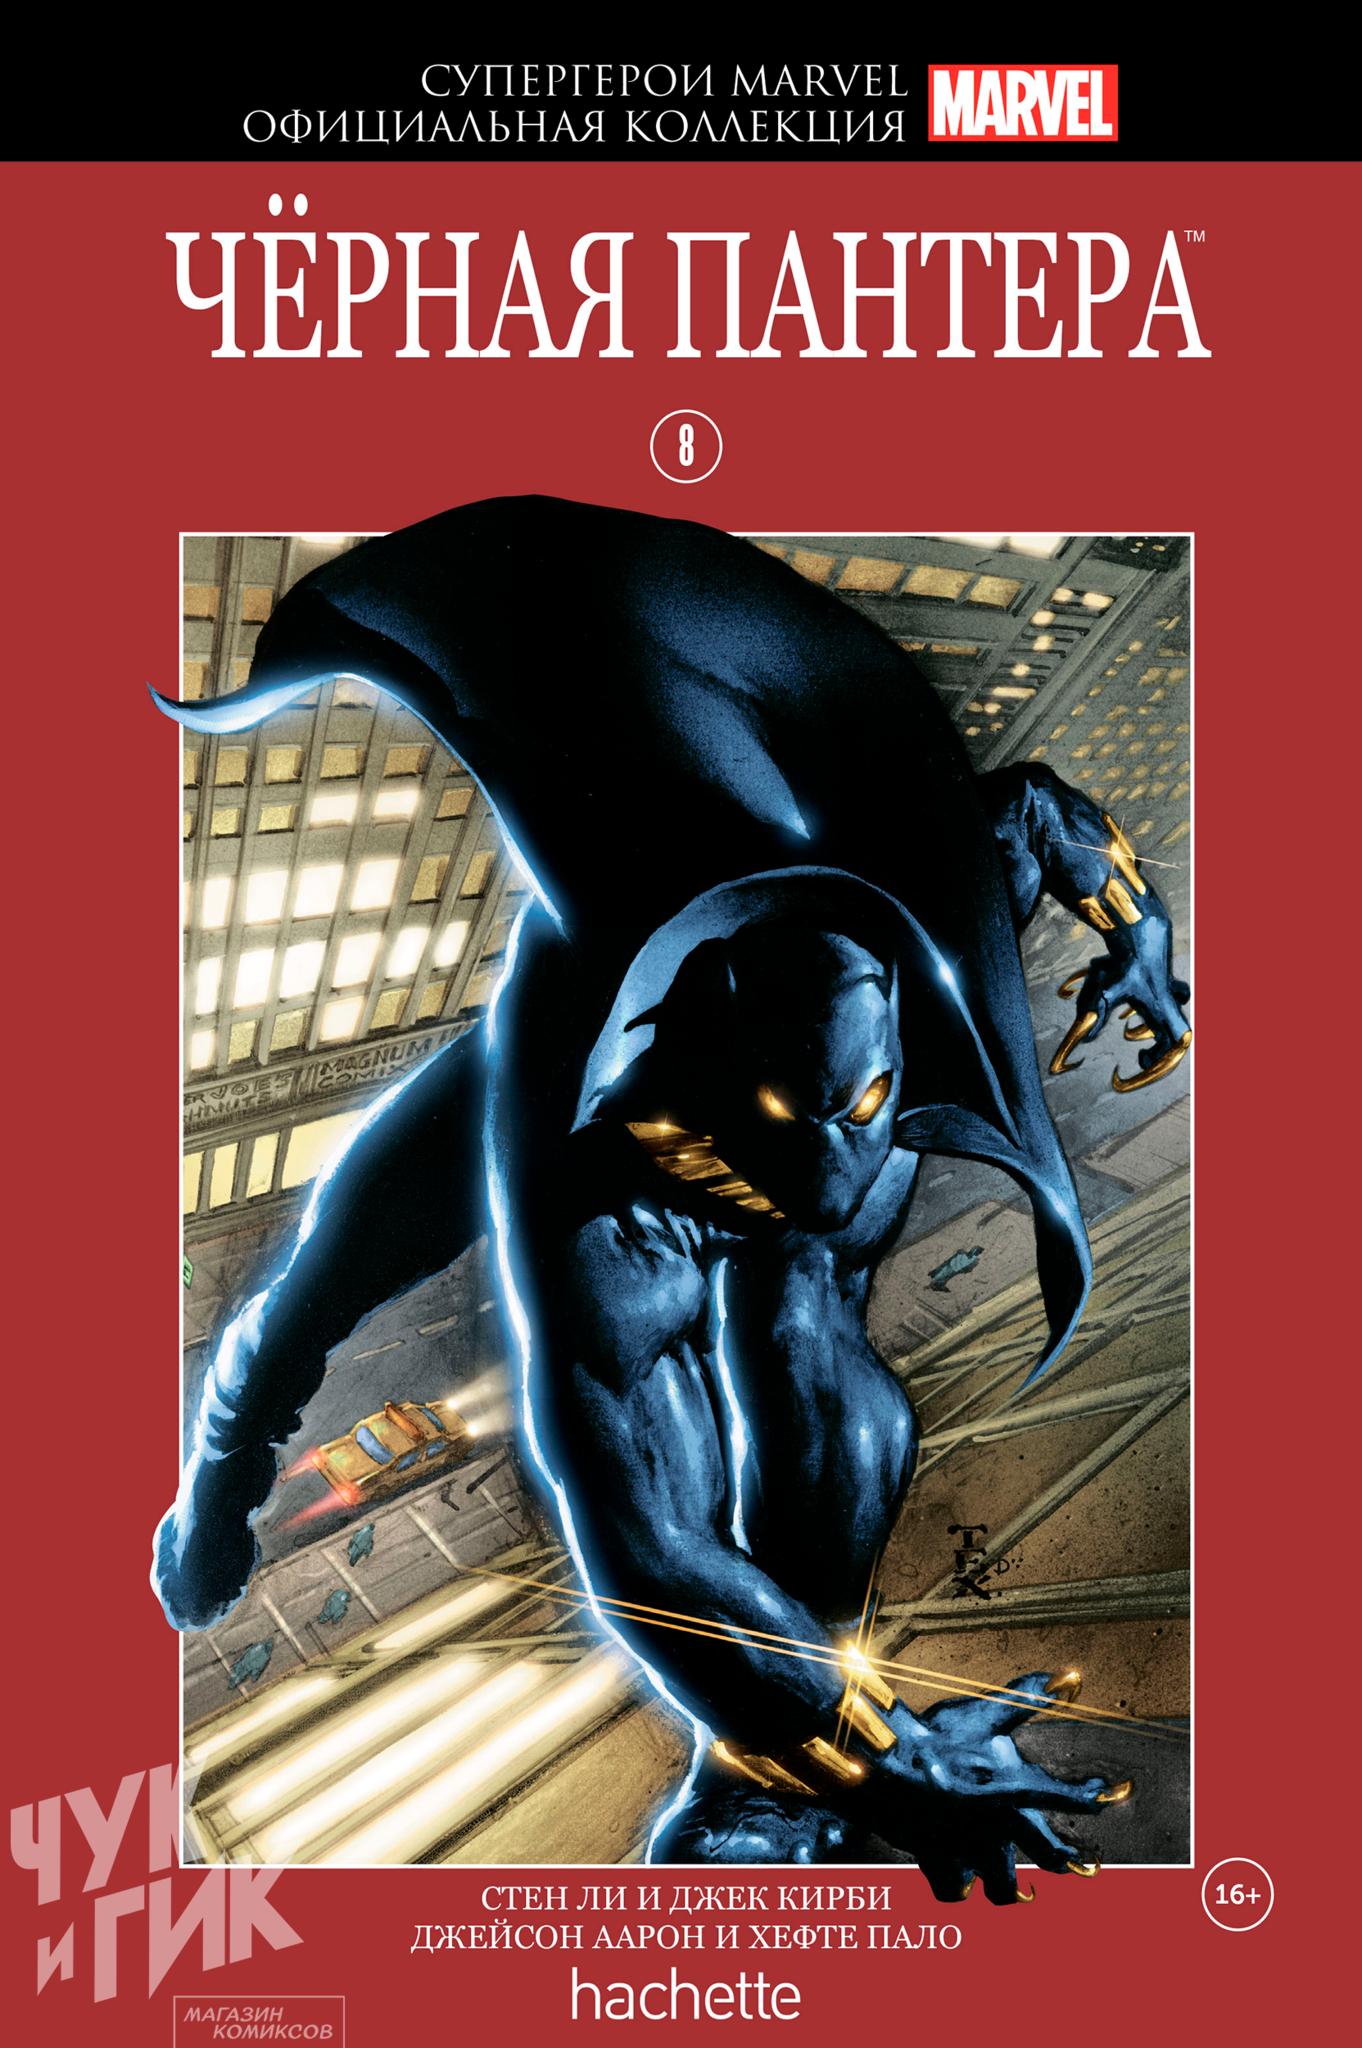 Супергерои Marvel. Официальная коллекция №8. Черная Пантера